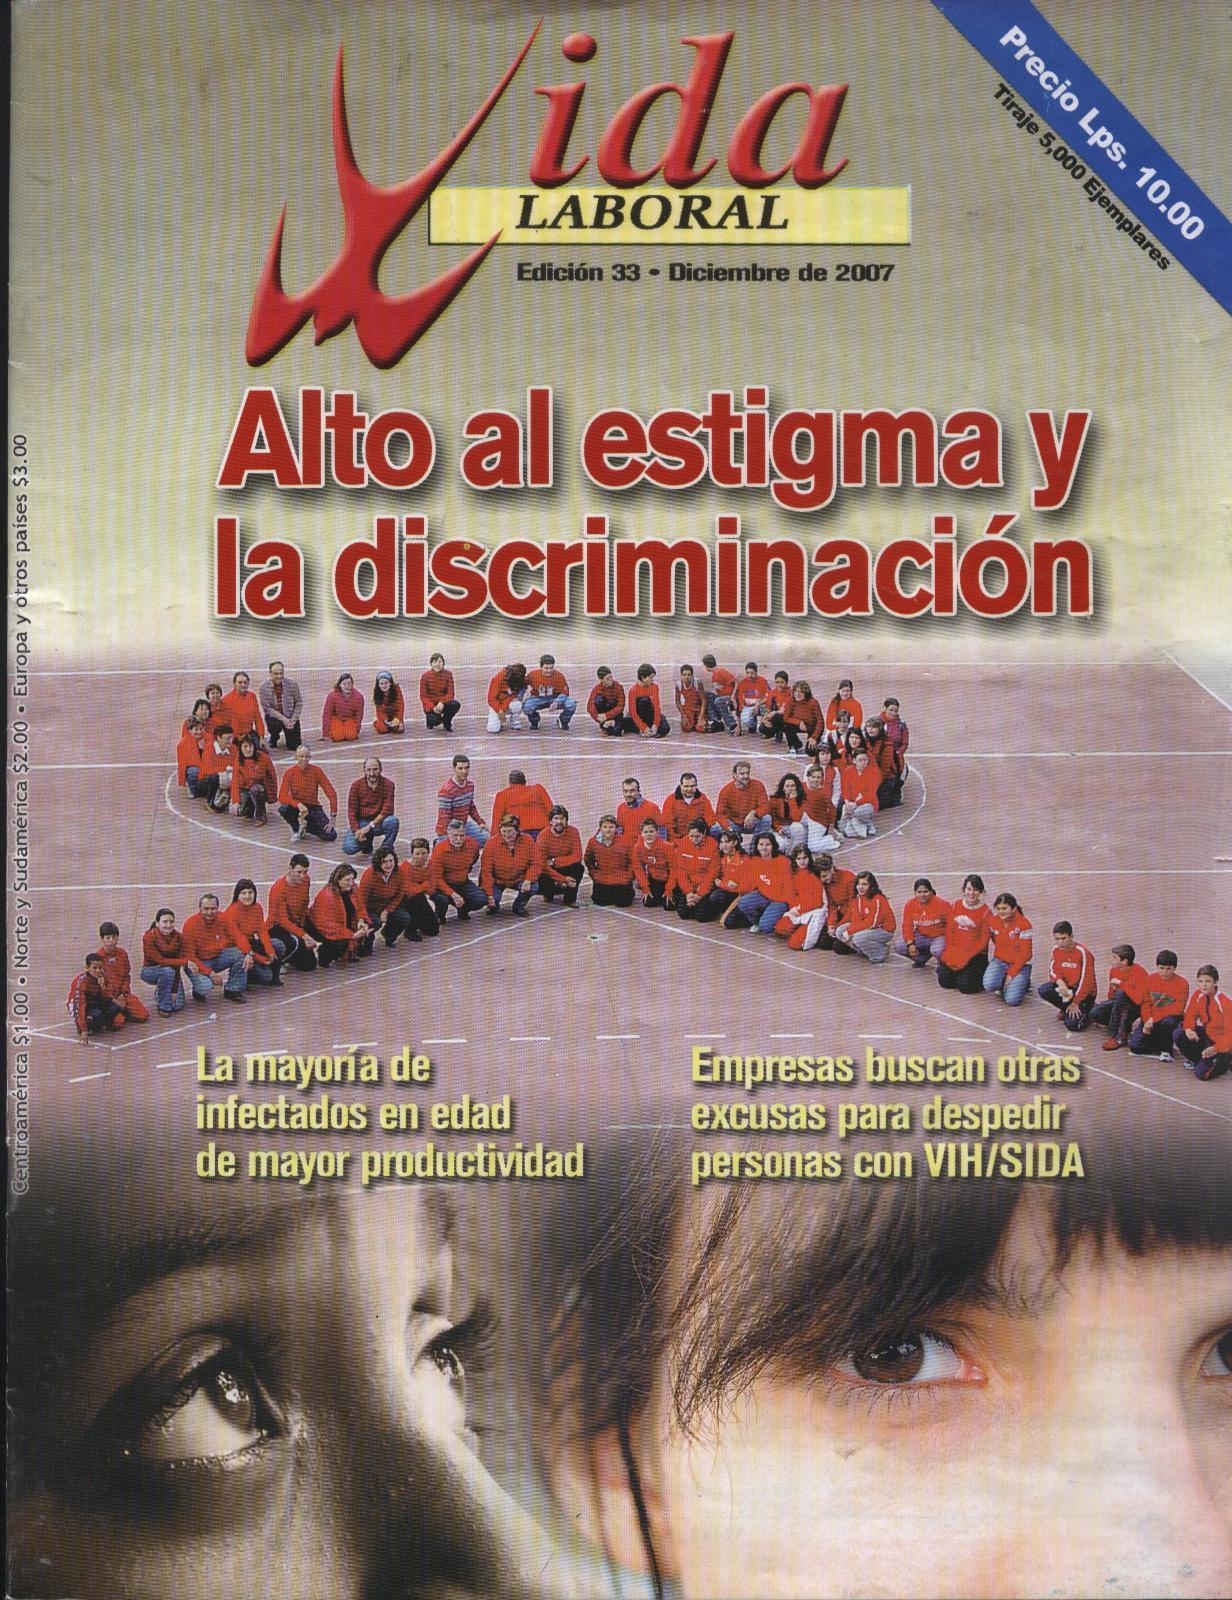 PortadaRevista33tx02149.jpg-Alto al estigma y la discriminación - Diciembre 2007